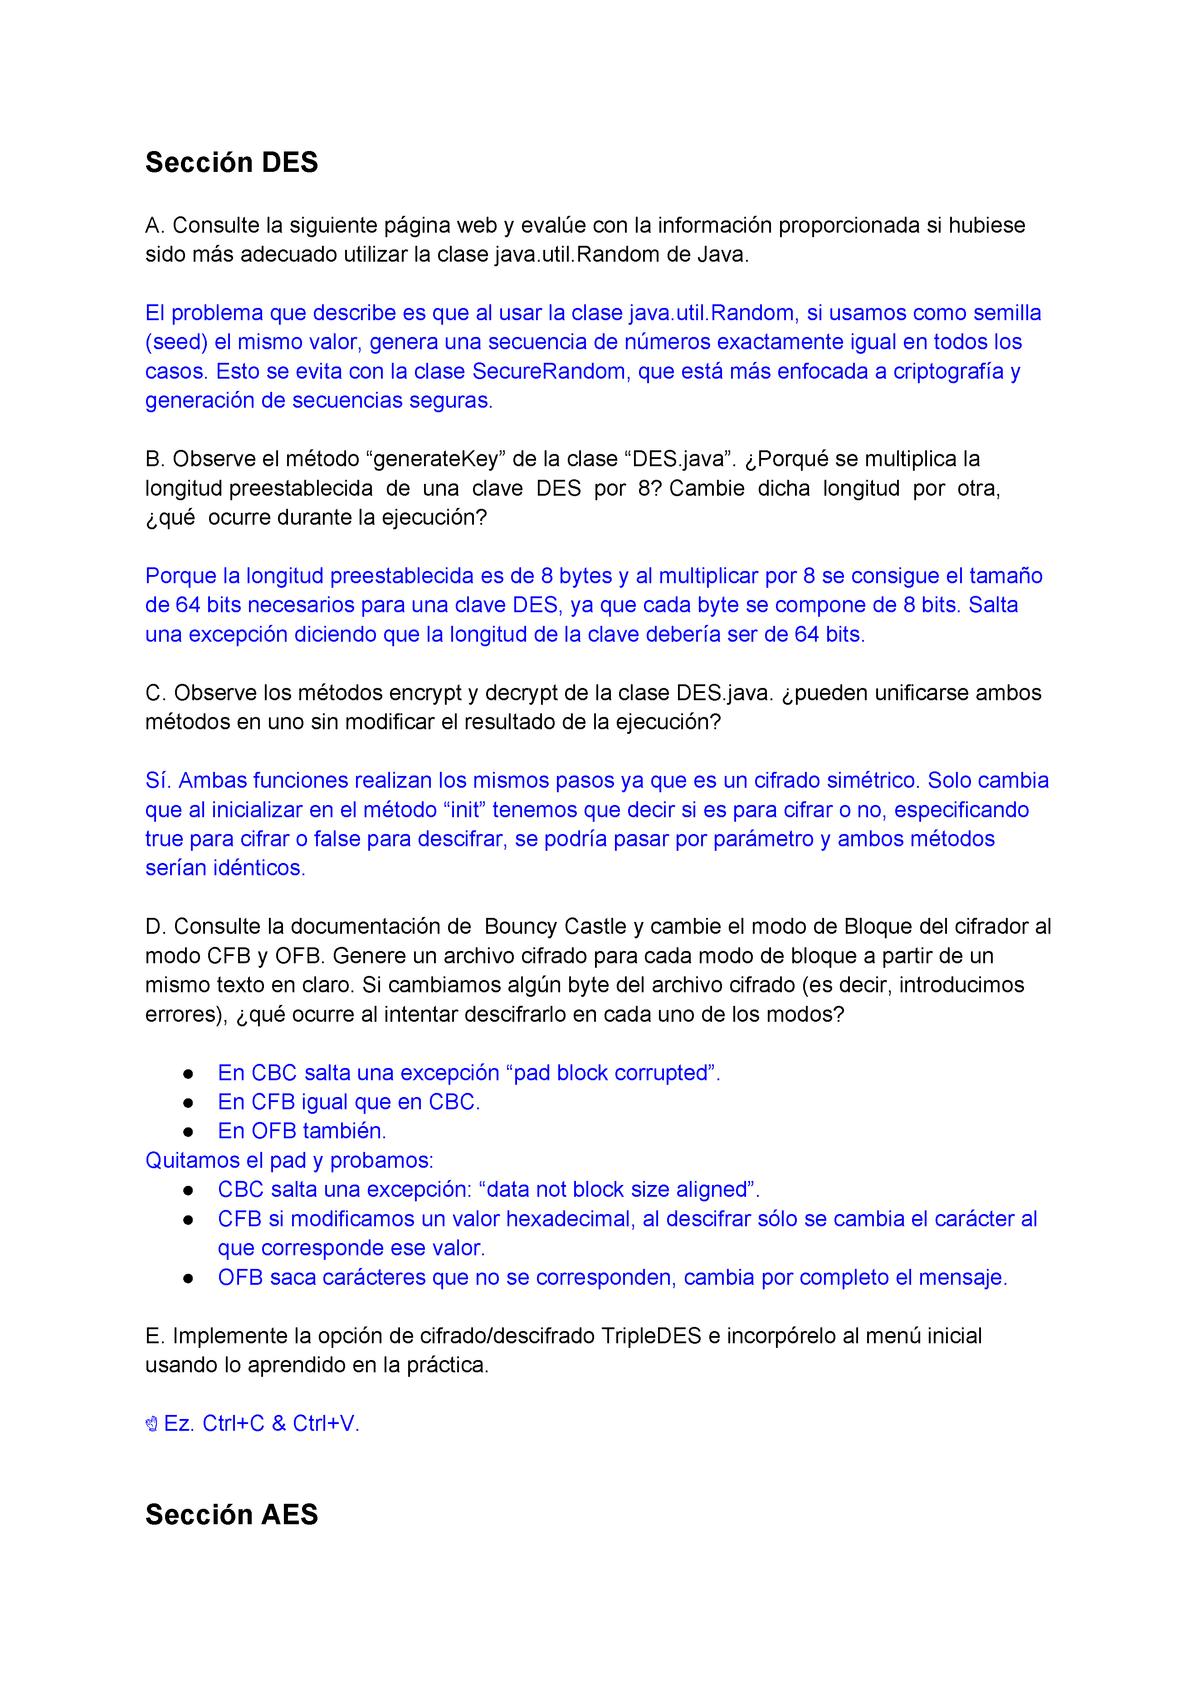 Crypto Java - 218 15973: Criptografía y Seguridad Informática - StuDocu